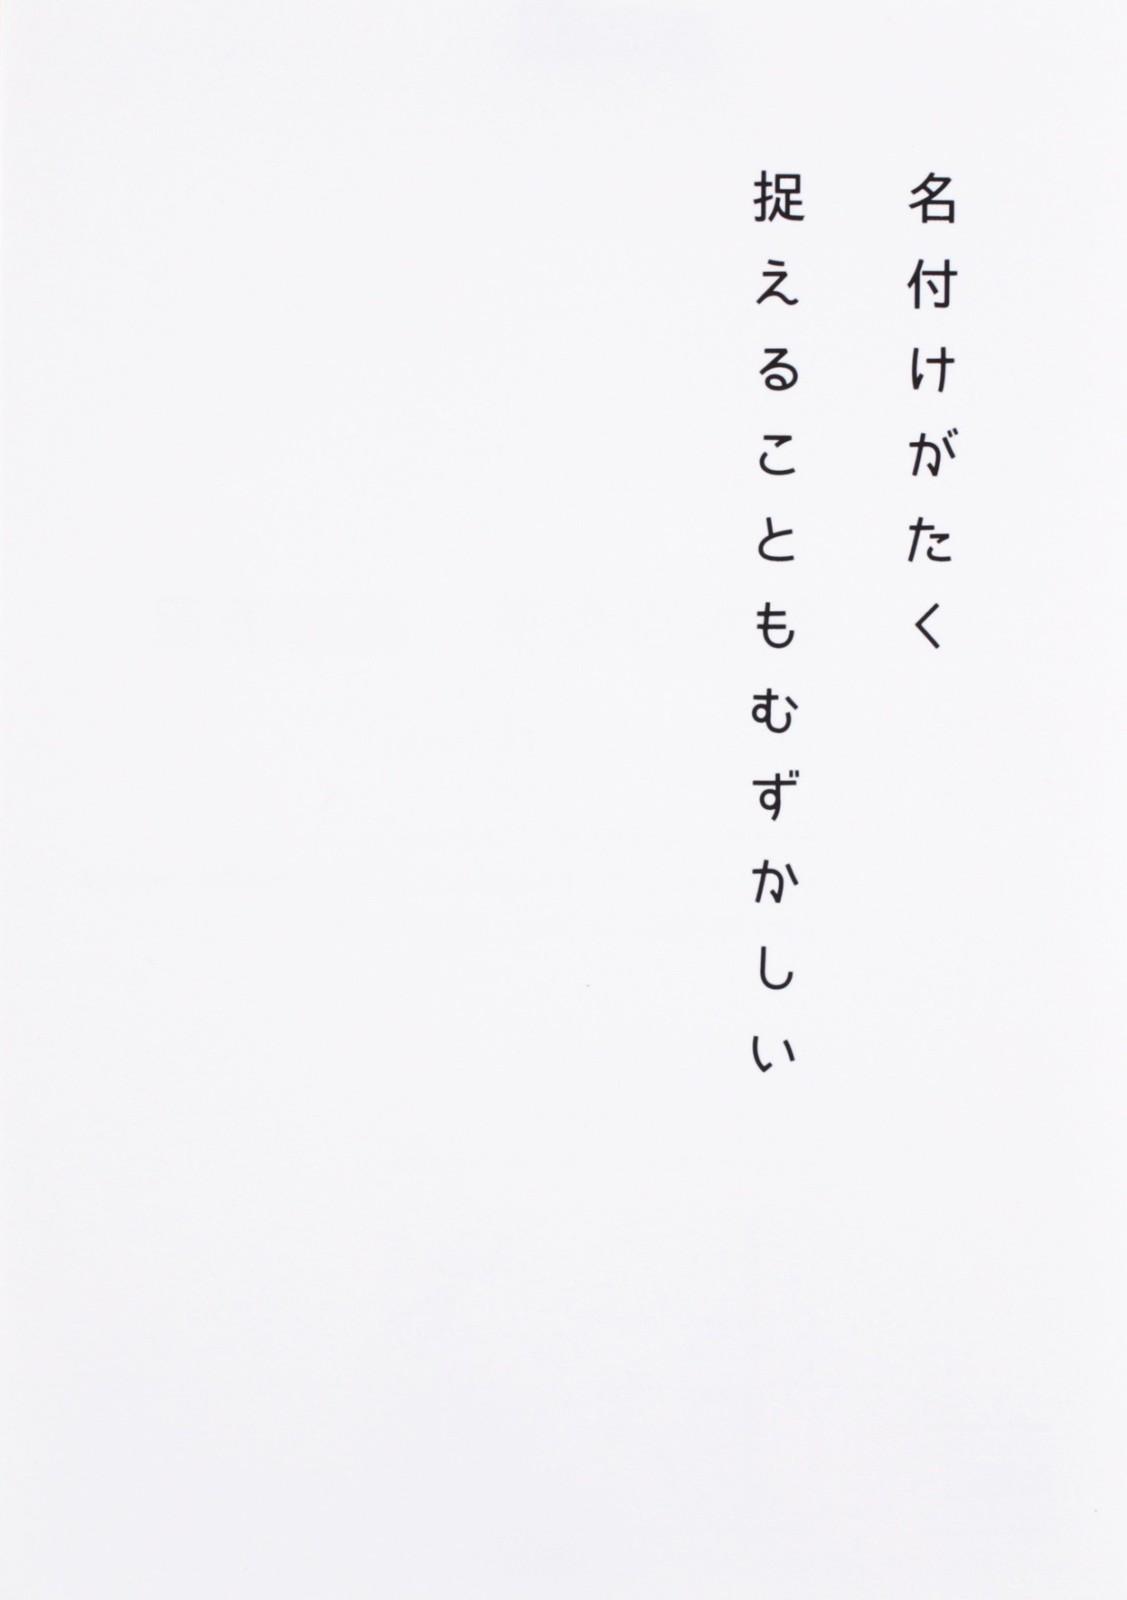 栗本百合子 × 髙柳恵里|名付けがたく捉えることもむずかしい